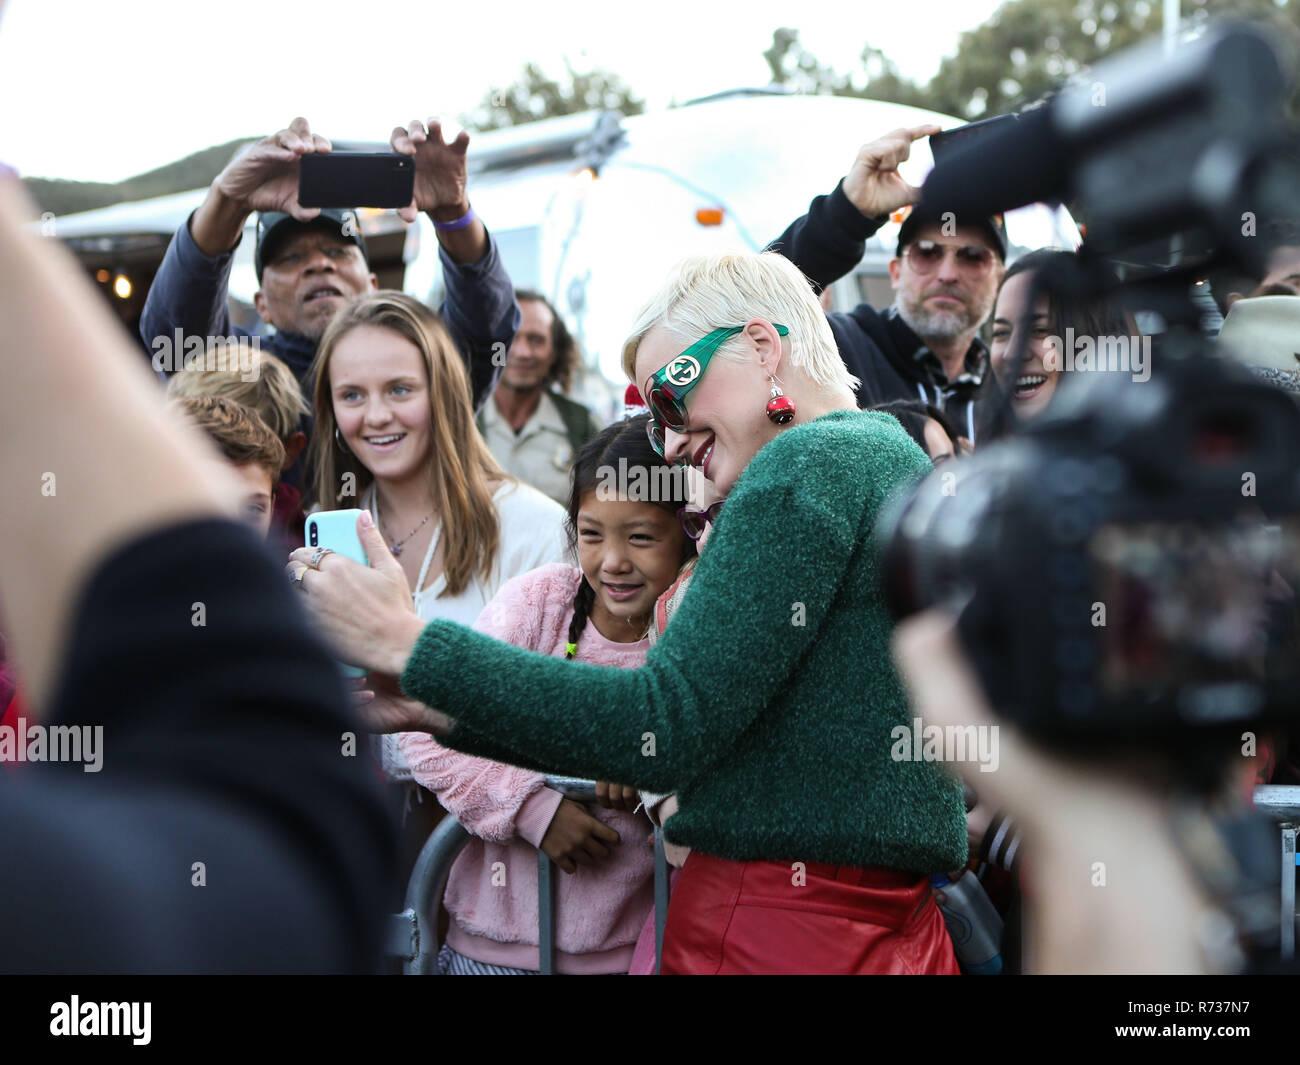 CALABASAS, LOS ANGELES, CA, USA - DECEMBER 02: Singer Katy